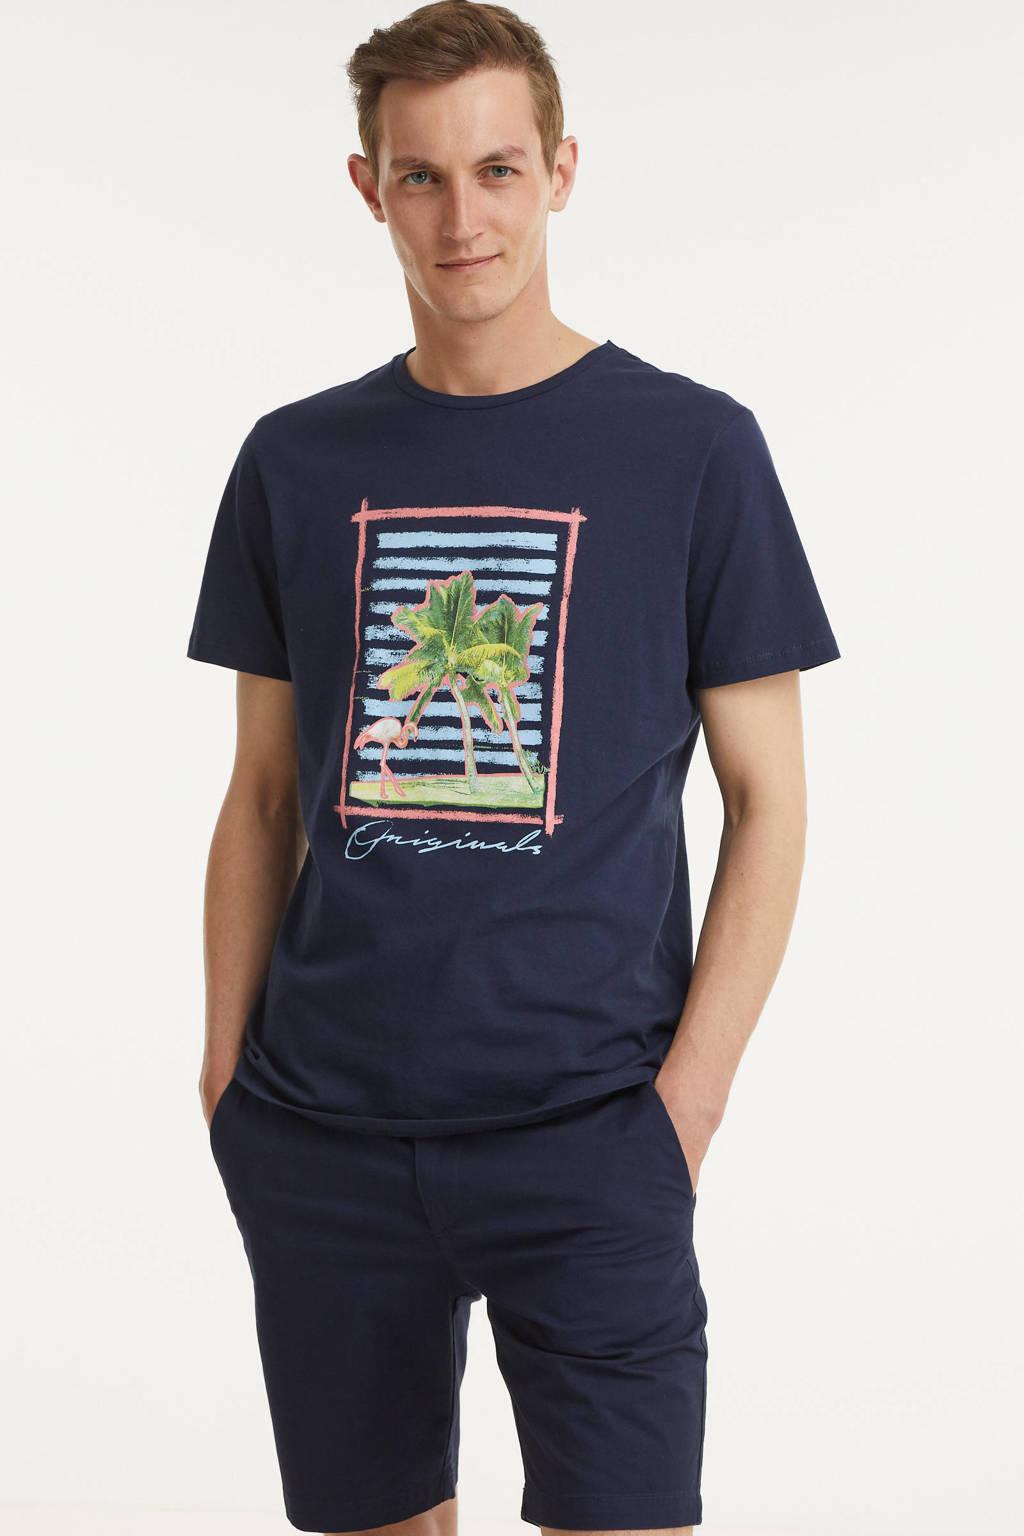 JACK & JONES ORIGINALS T-shirt Trailer met printopdruk donkerblauw, Donkerblauw